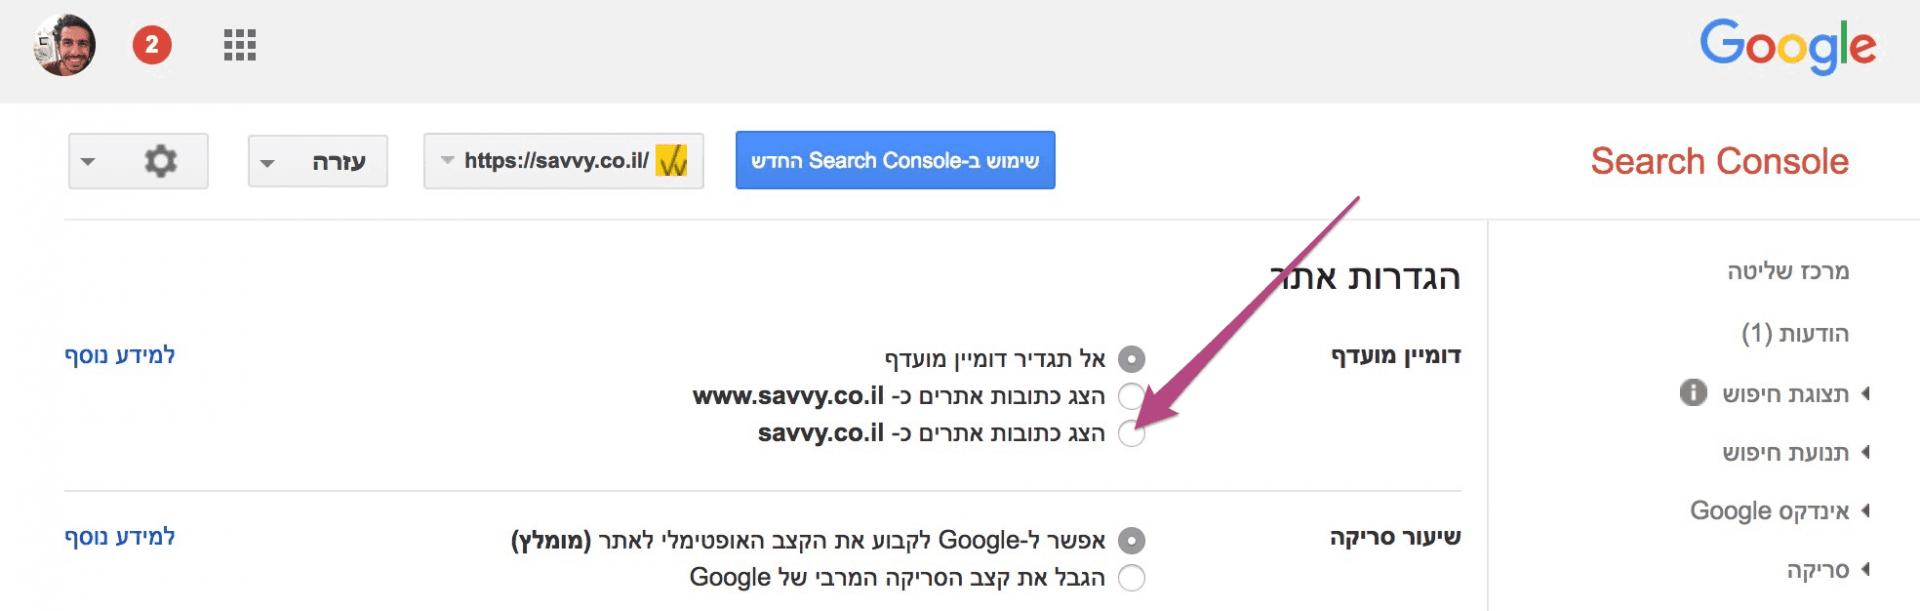 בחירת דומיין מועדף - Google Search Console